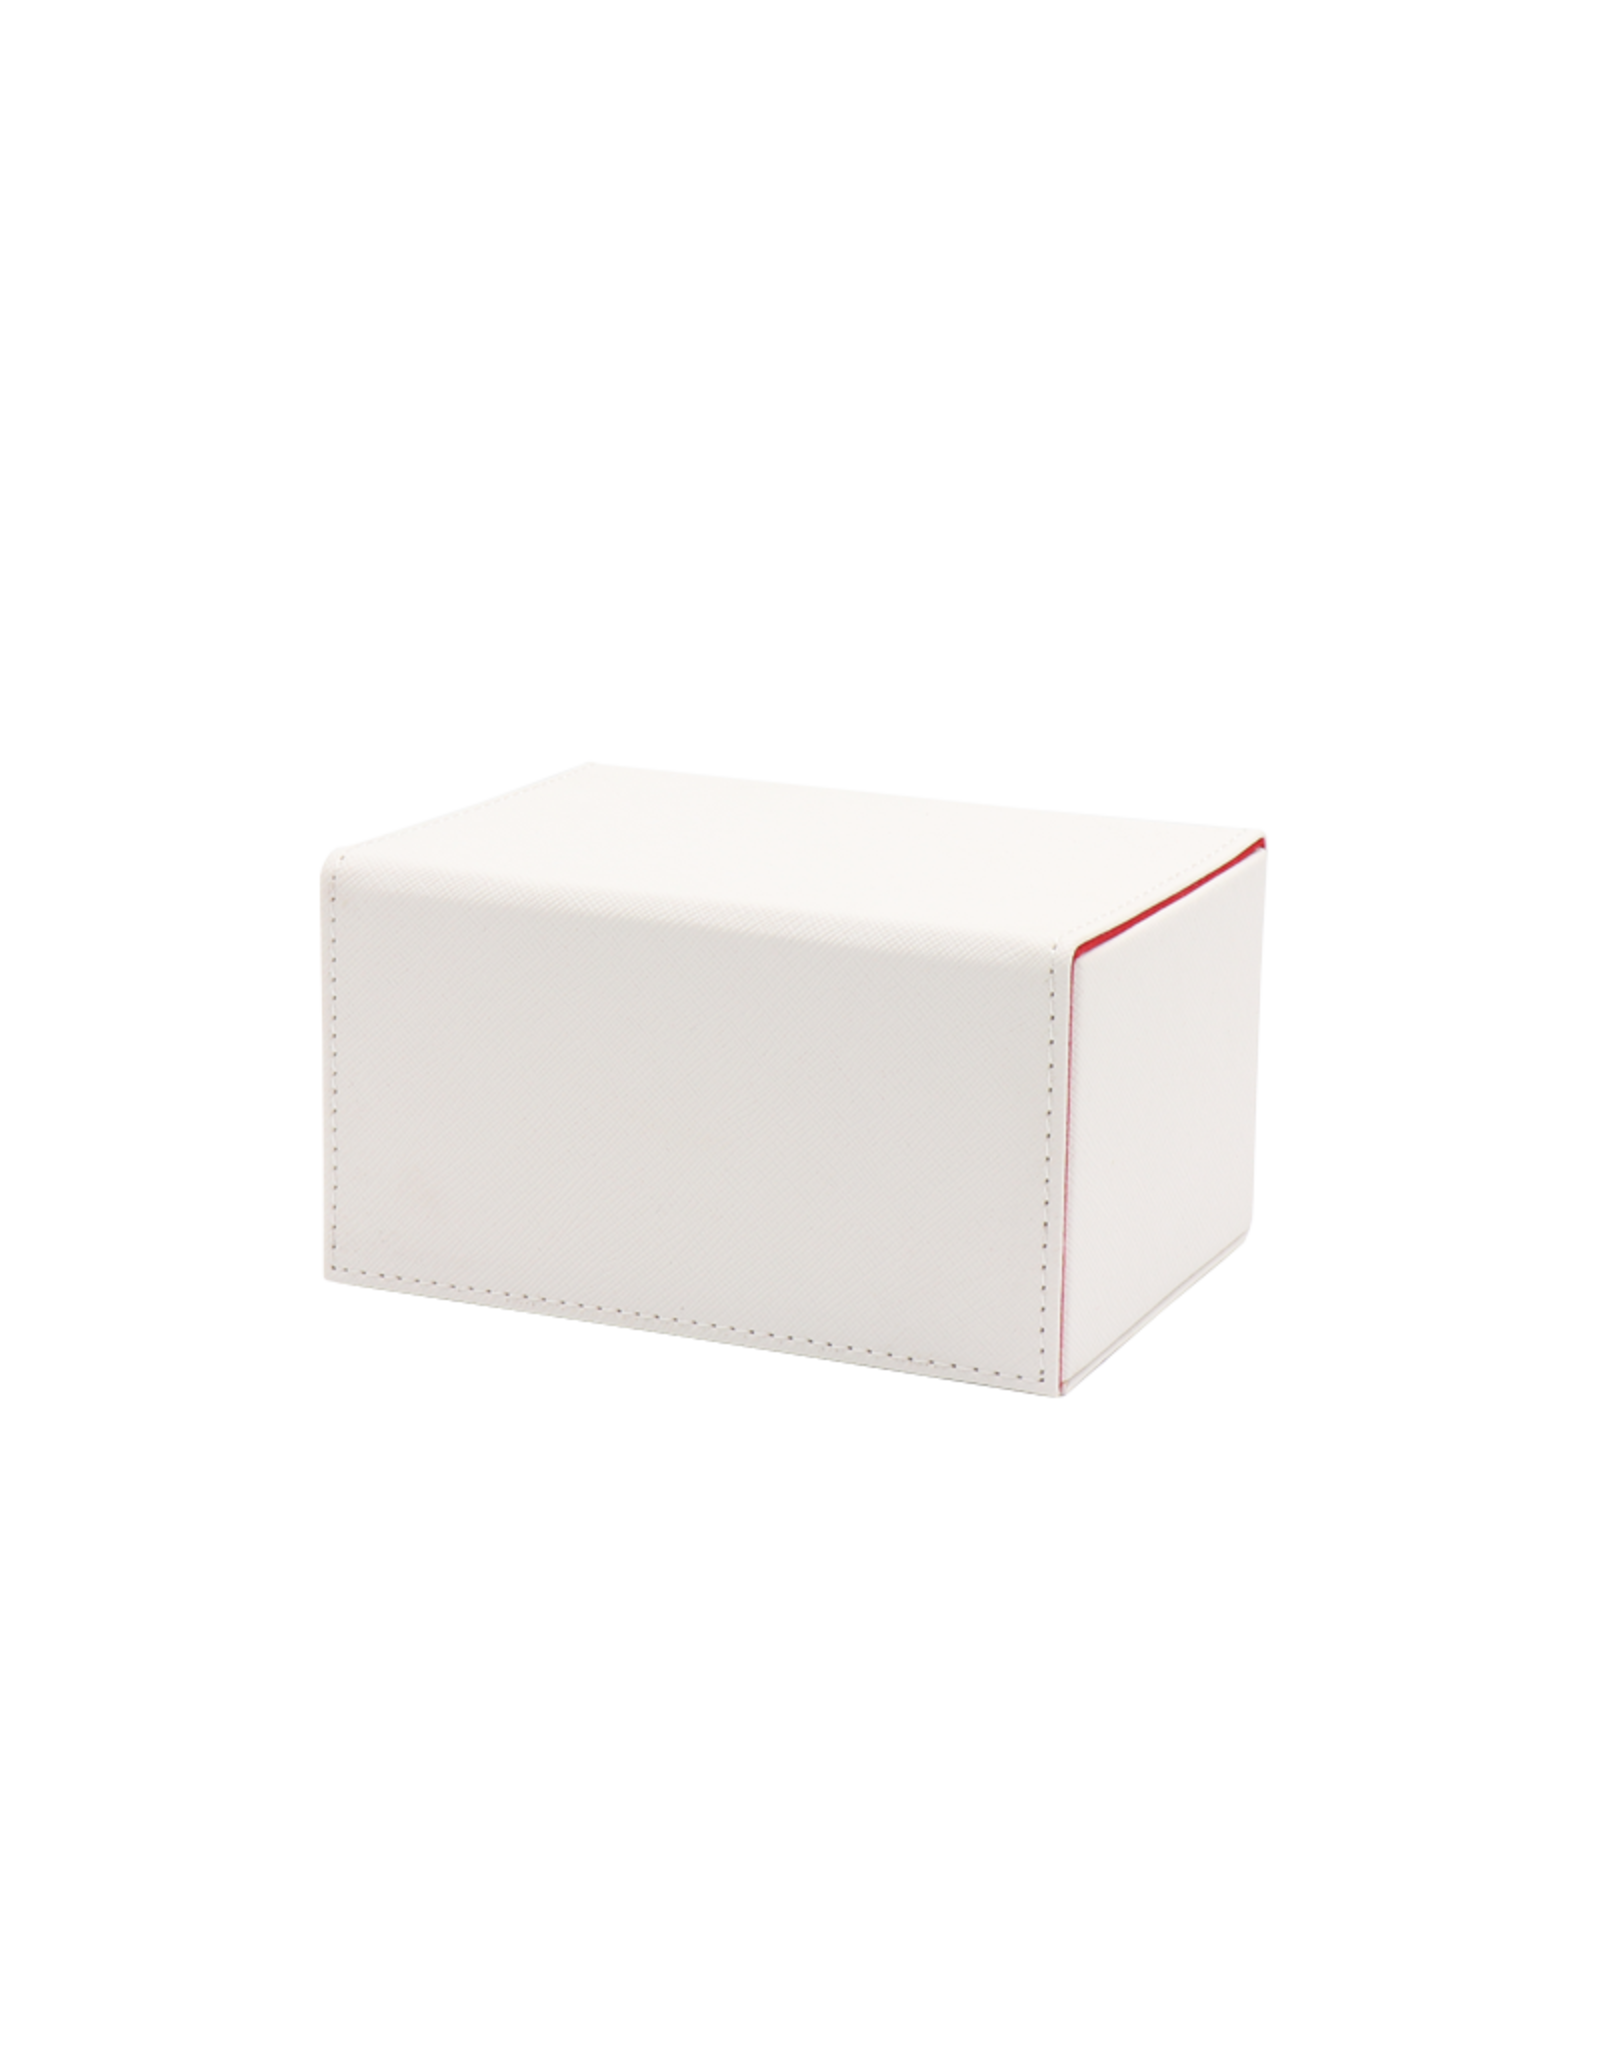 Dex Protection Dex Creation Line Medium White 100ct